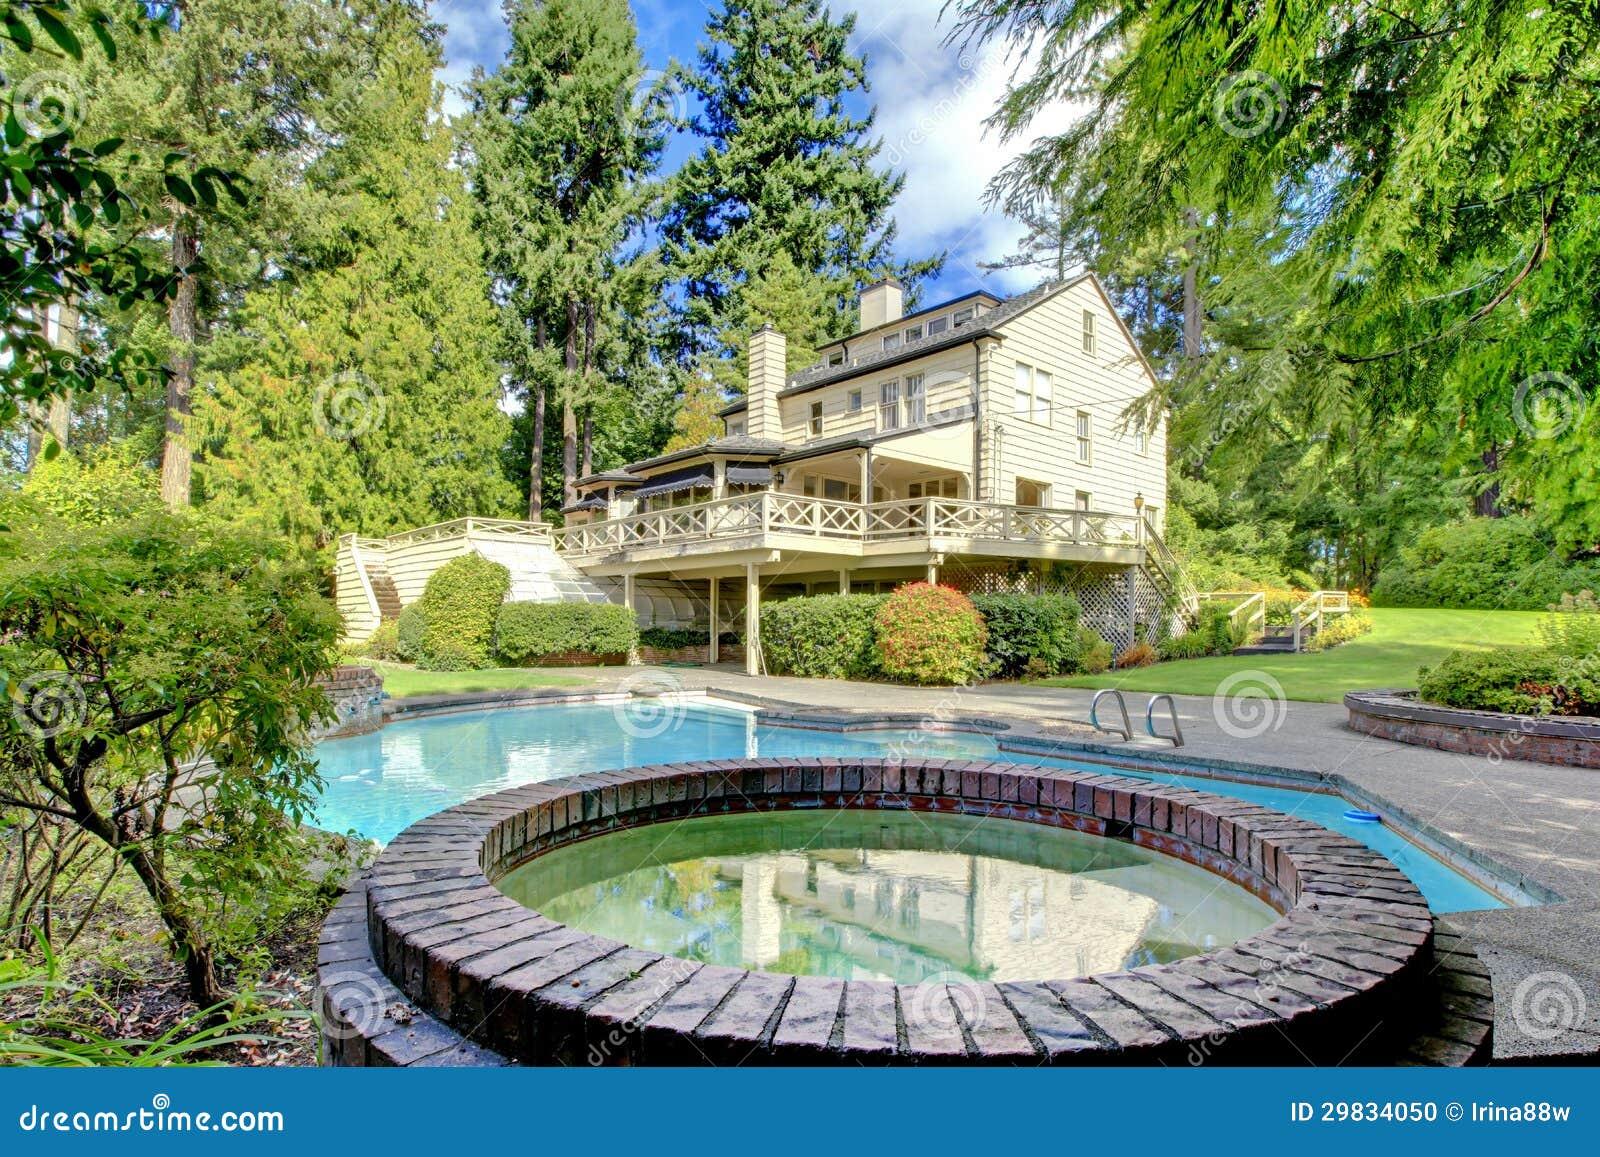 Grande casa marrom exterior com o jardim do verão com associação.